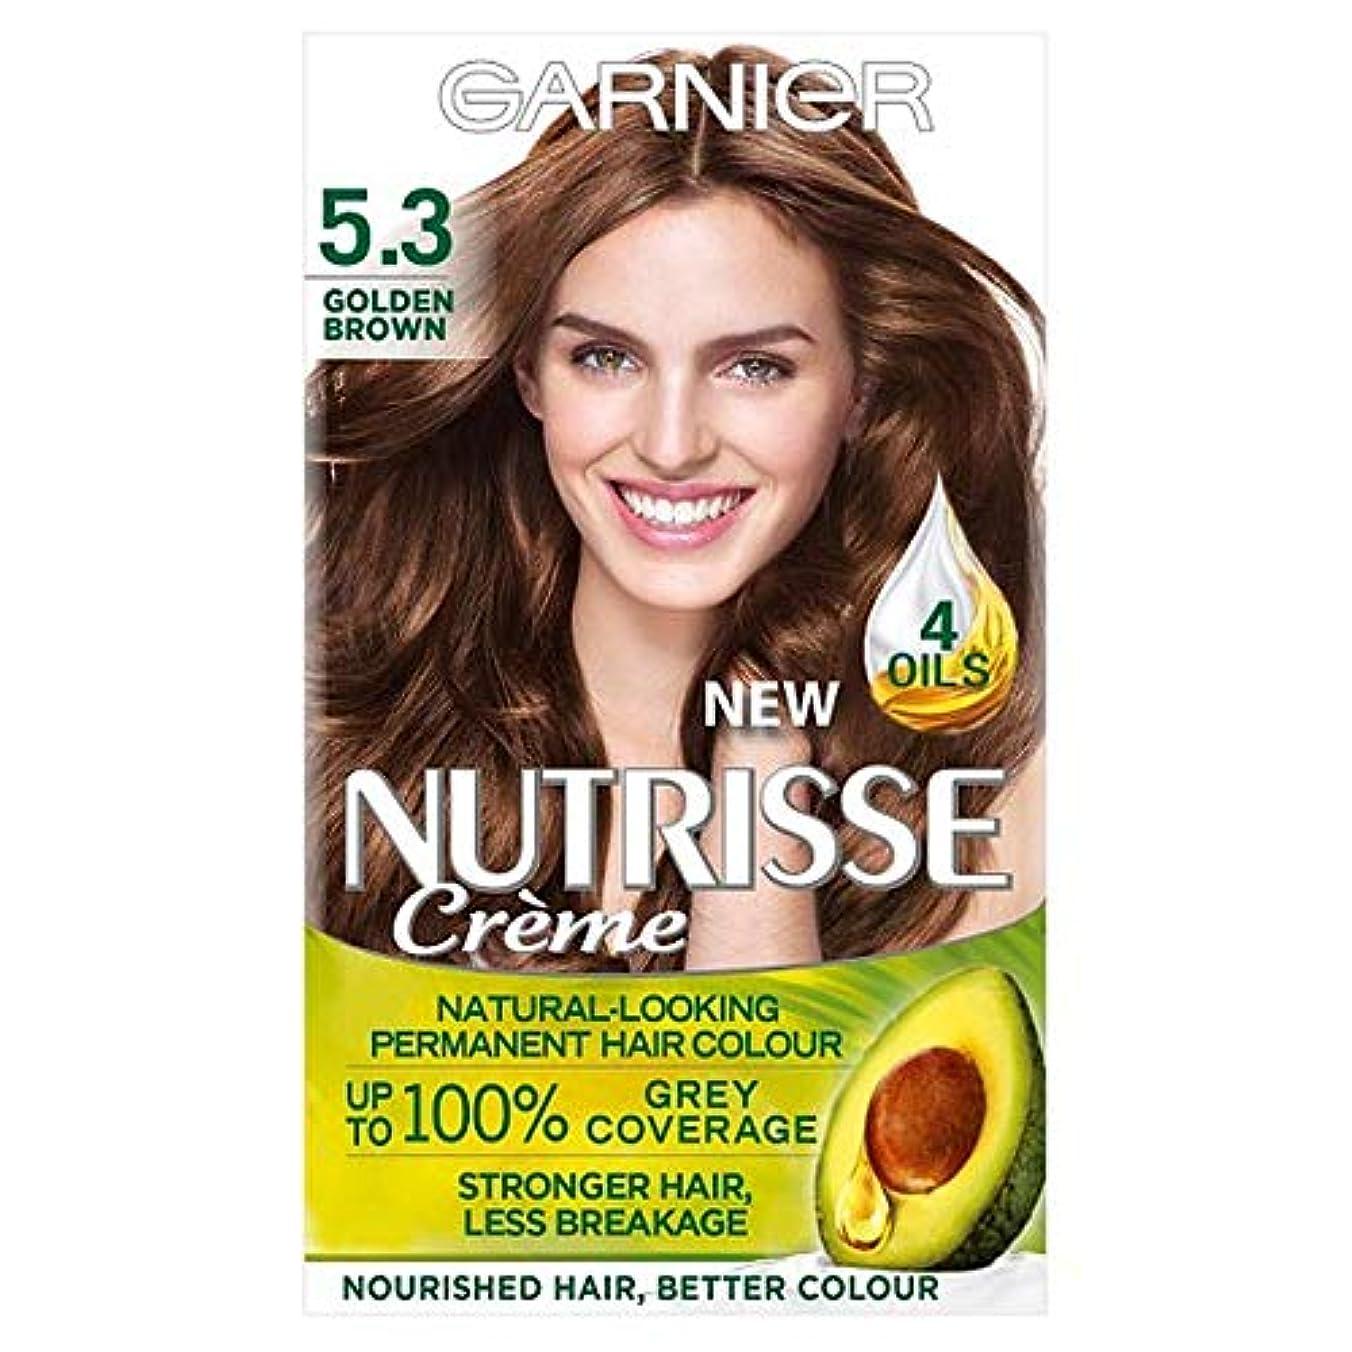 質素なブレーク称賛[Nutrisse] 5.3ゴールデンブラウン永久染毛剤Nutrisseガルニエ - Garnier Nutrisse 5.3 Golden Brown Permanent Hair Dye [並行輸入品]